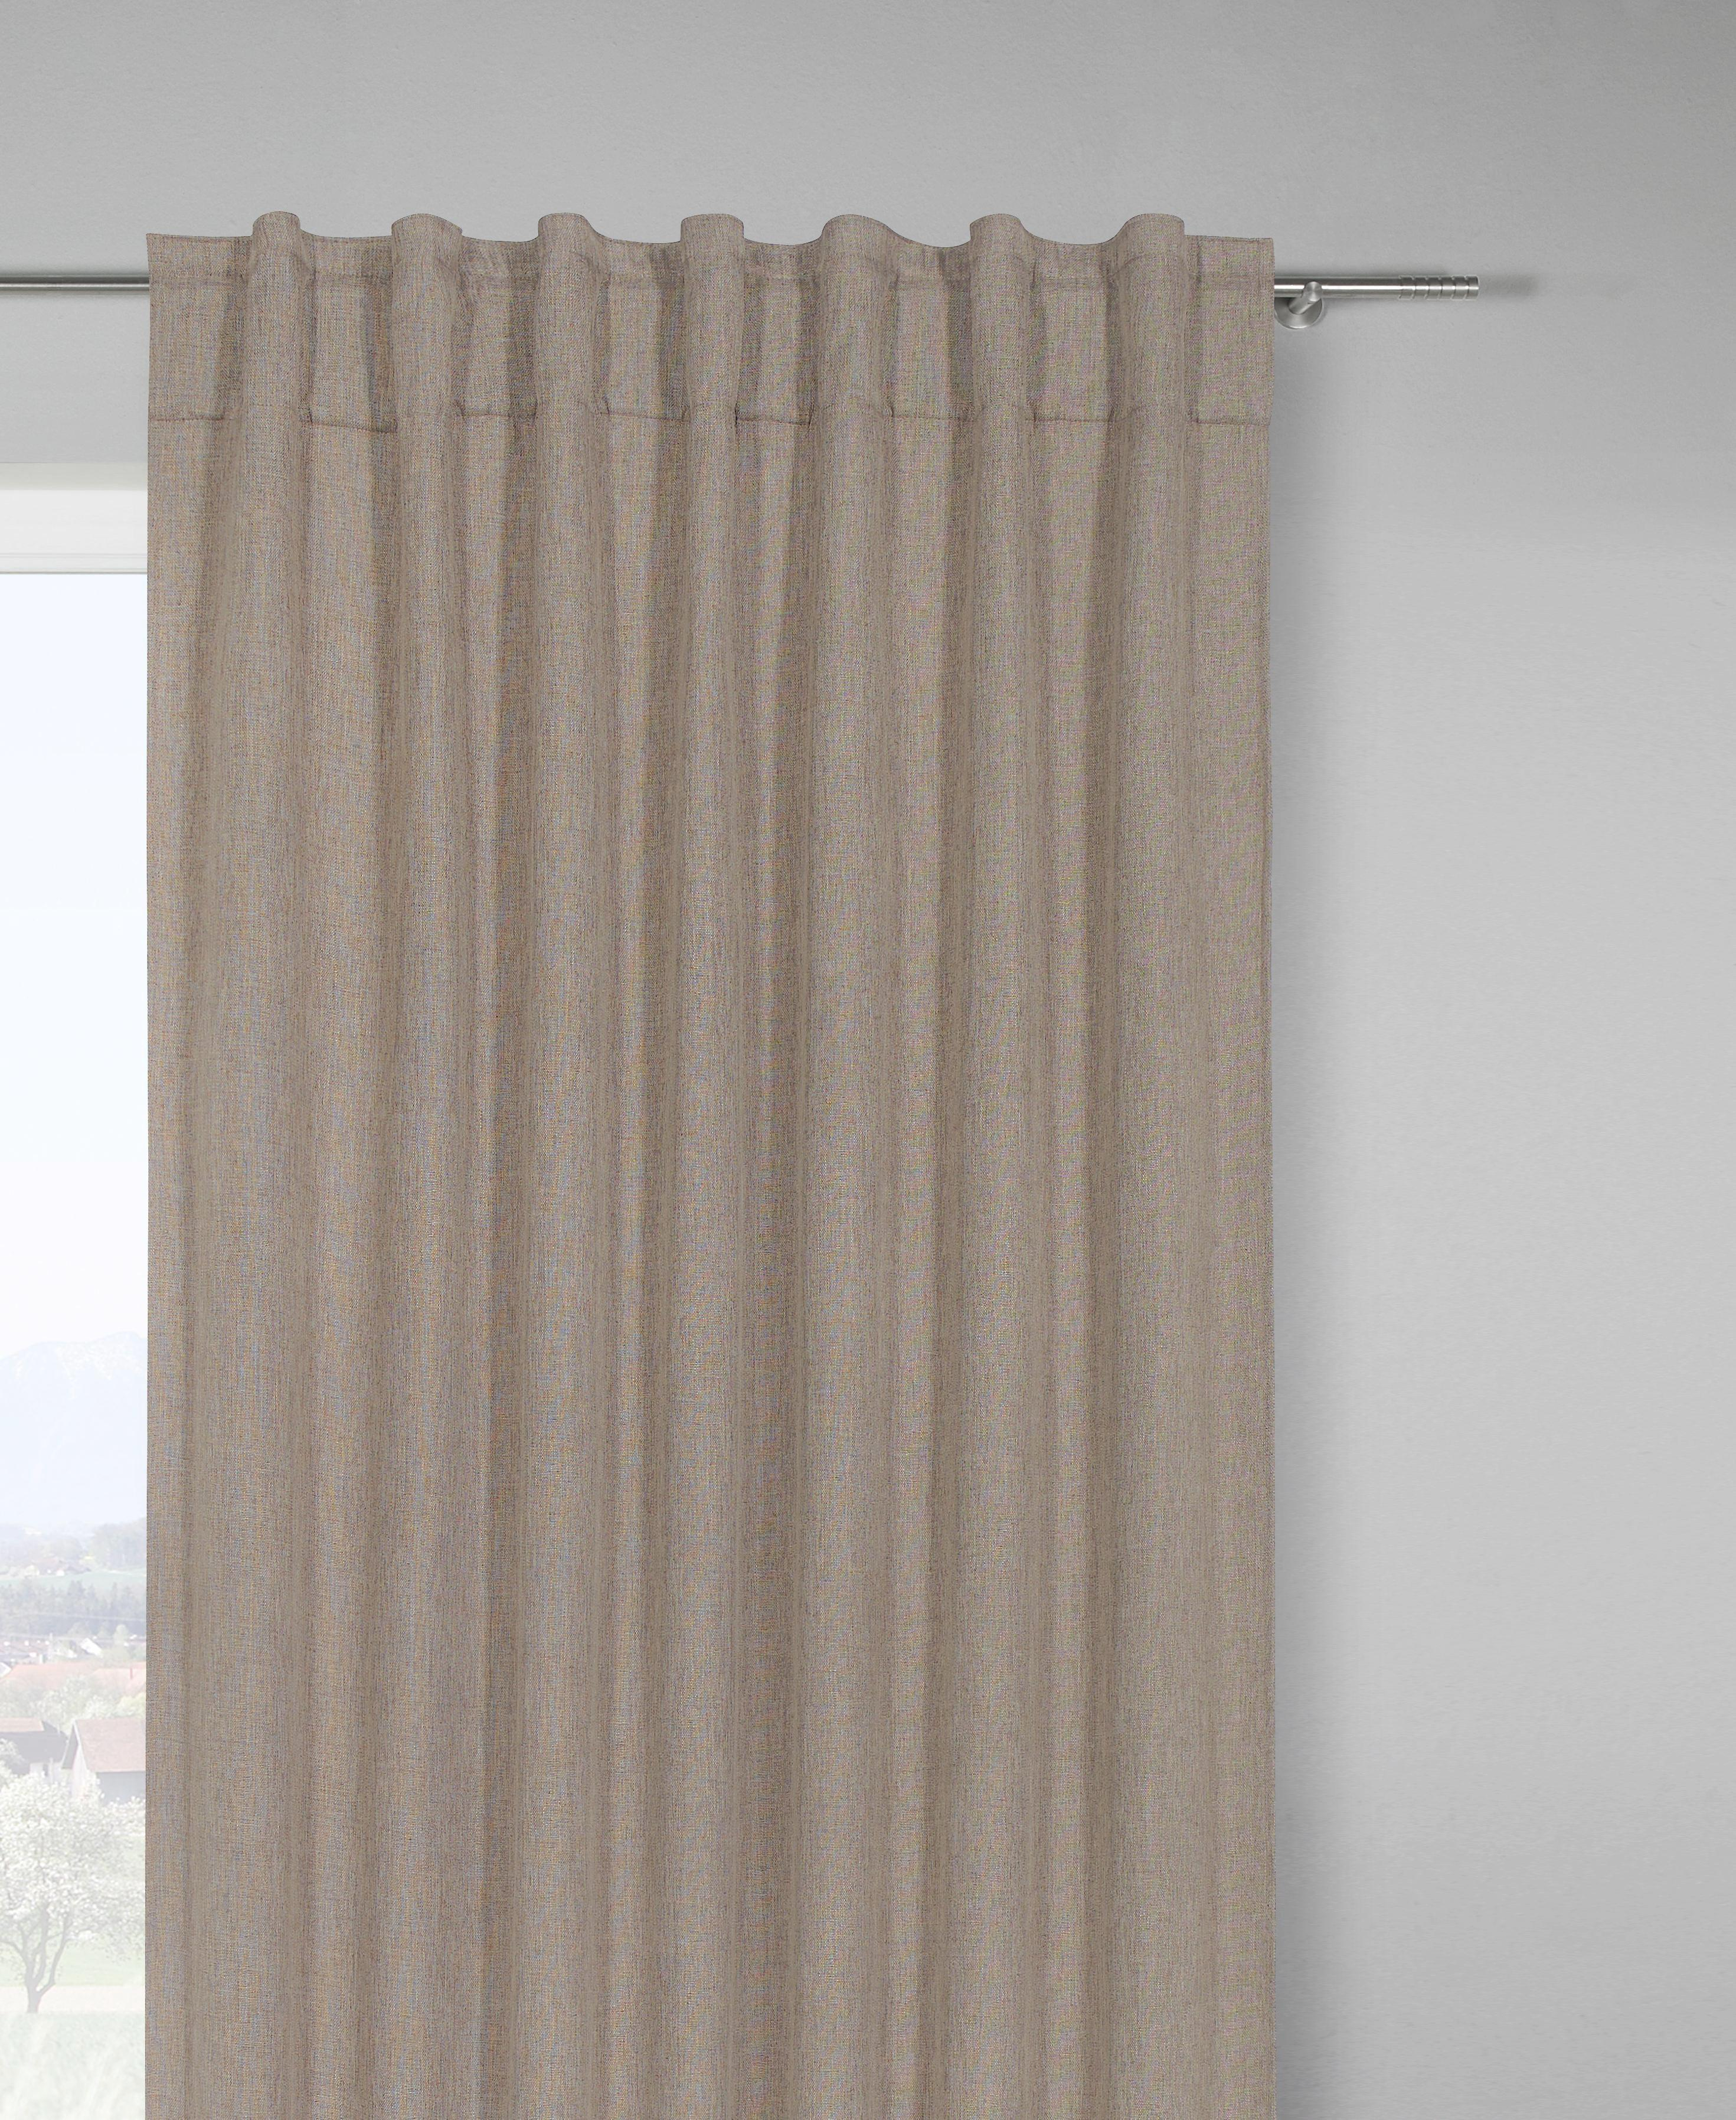 Készfüggöny Jakob - barnásszürke, textil (140/245cm) - MÖMAX modern living